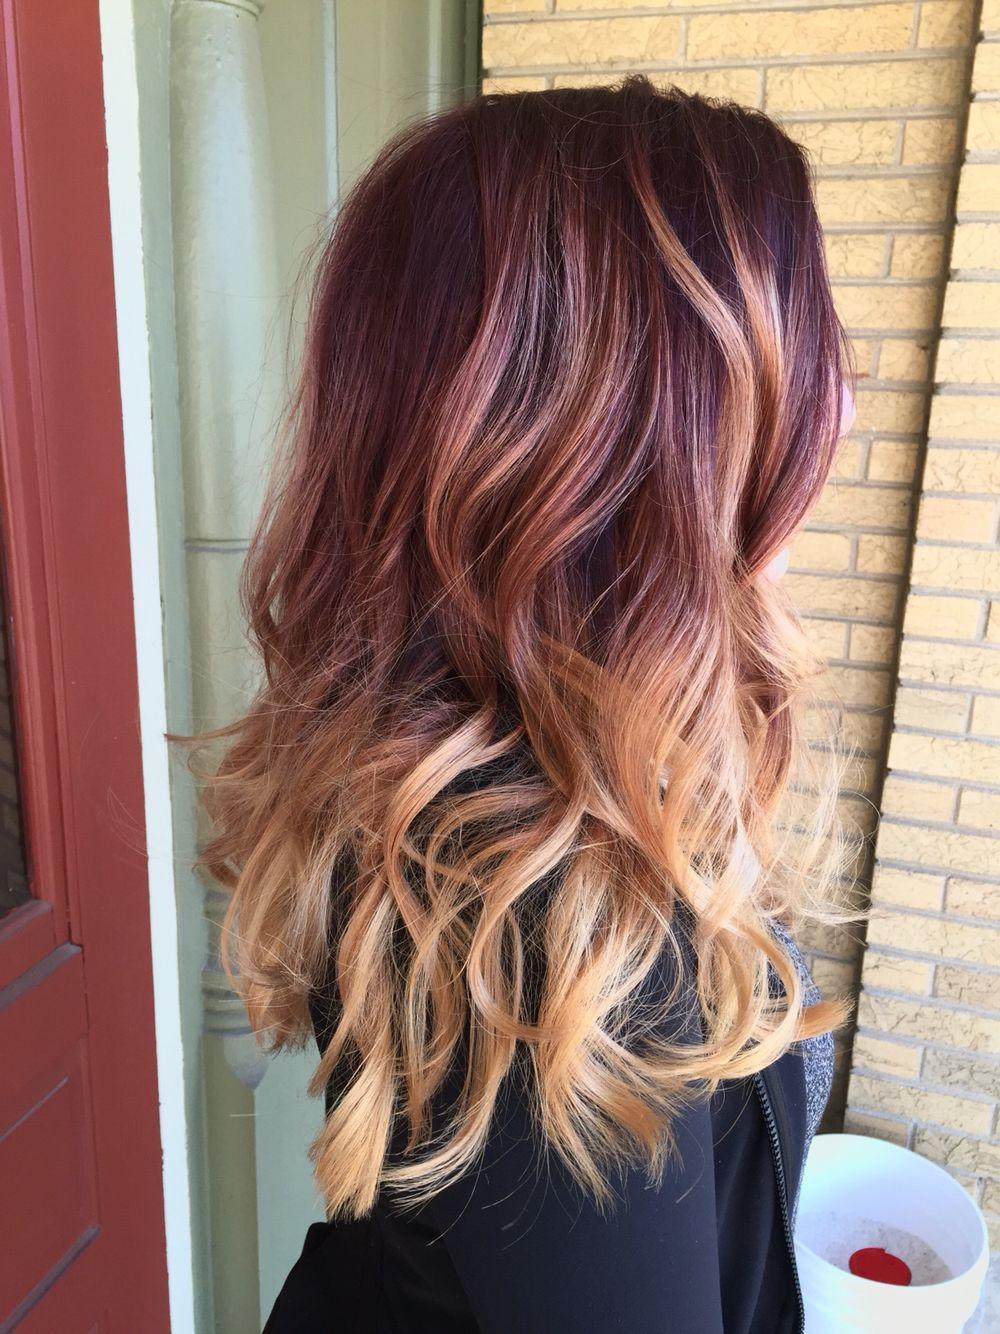 Red To Blonde Bayalage Blonde Bayalage Hair Red To